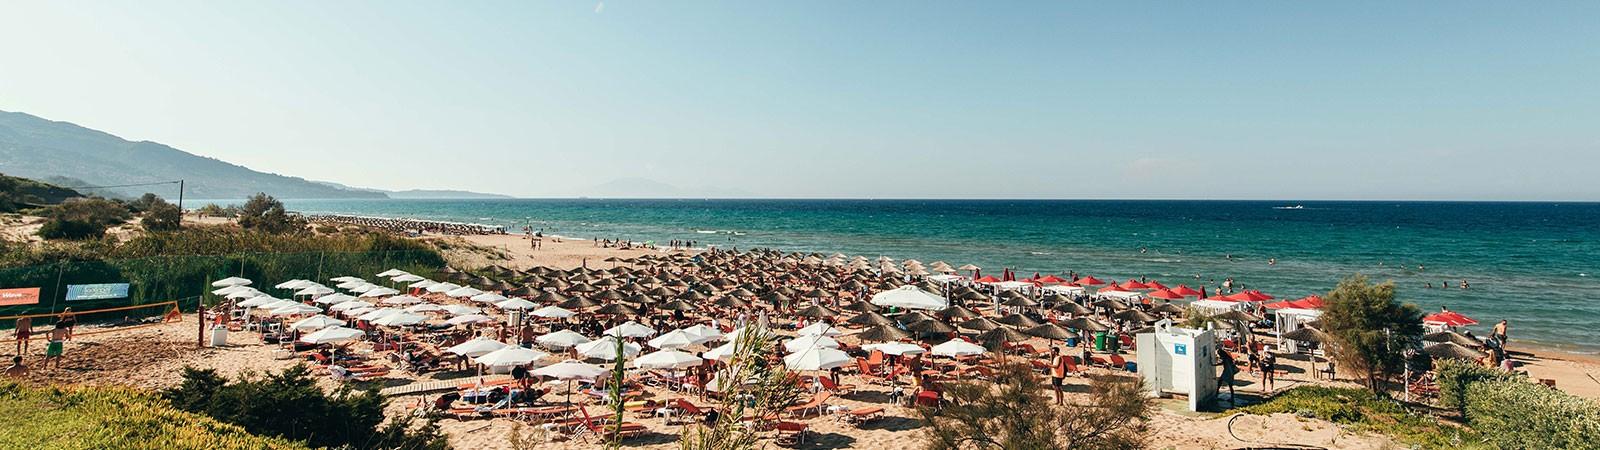 Beach party del Viaggio di Maturità a Zante - Banana Beach